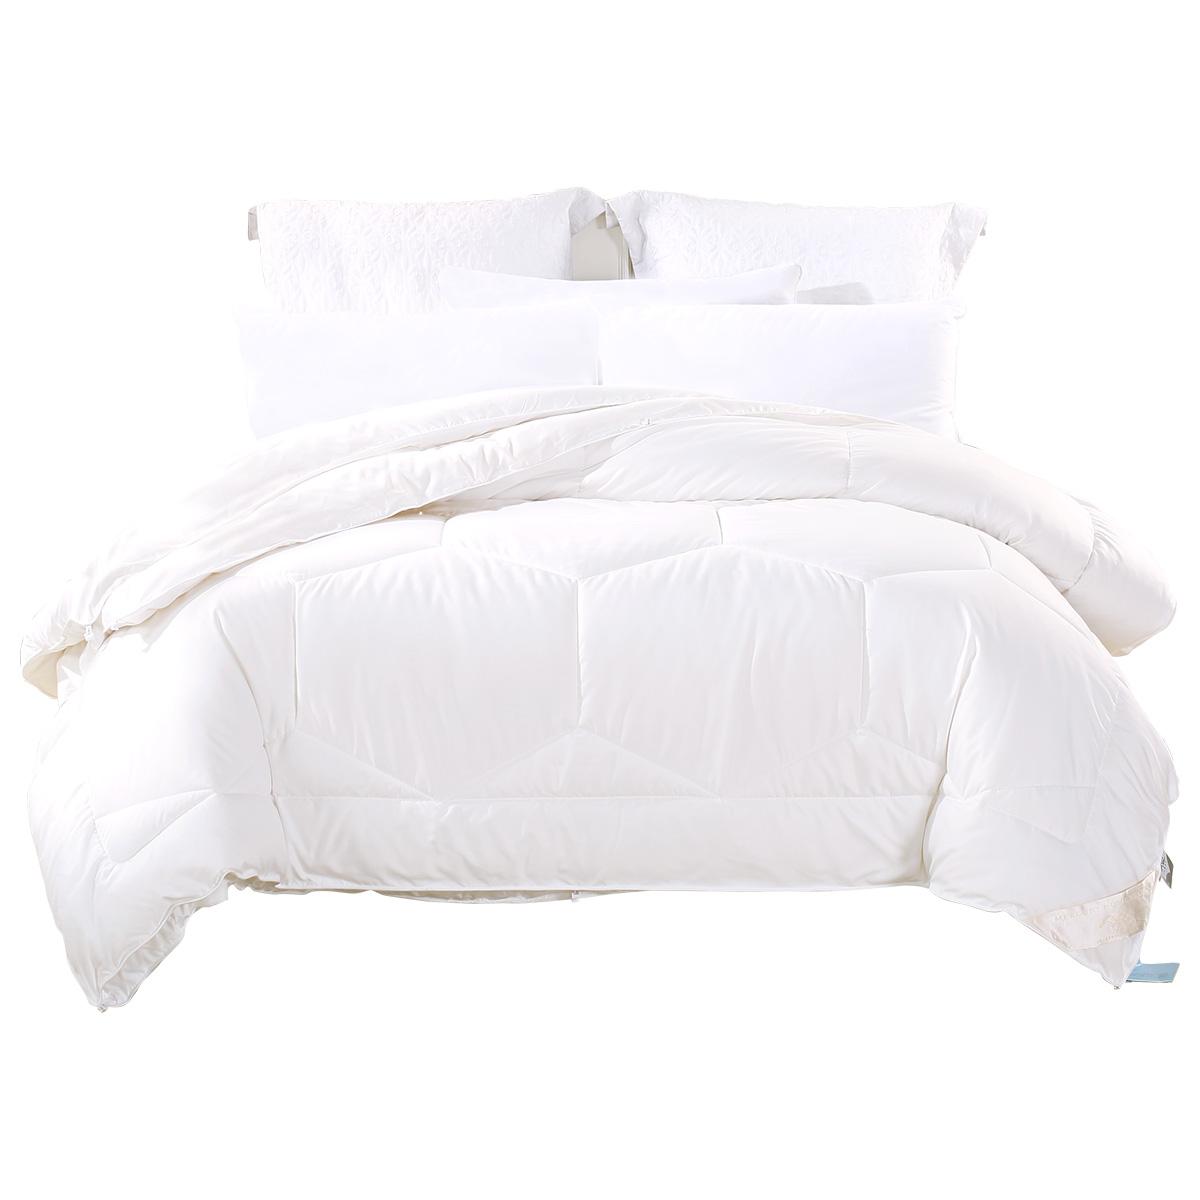 水星家纺加厚保暖被子大豆纤维冬季棉被芯春秋被单人双人10斤冬被